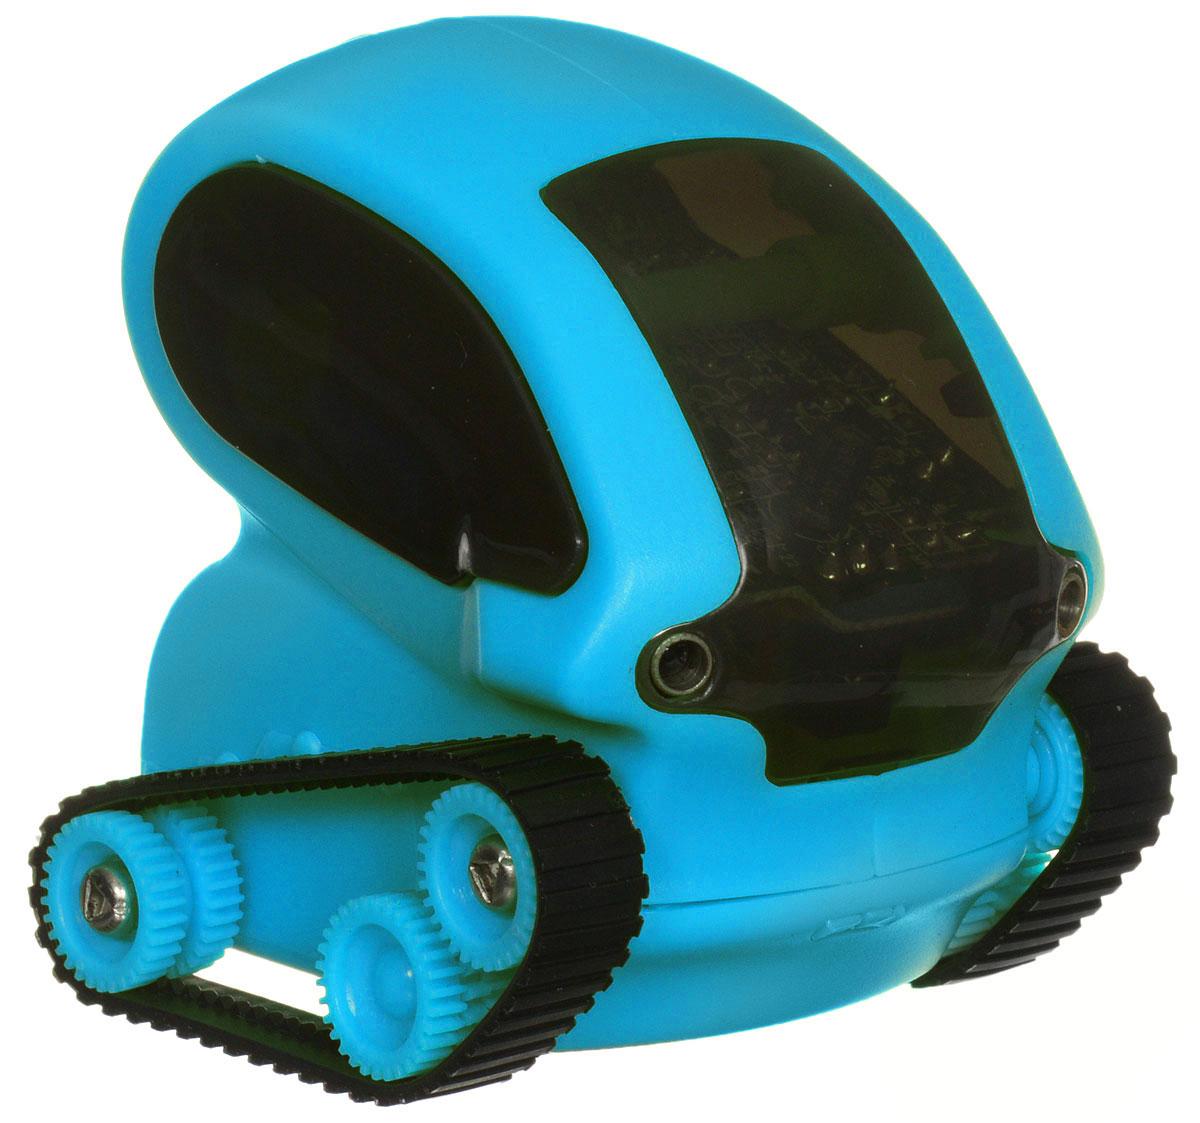 DeskPets Микро-робот на радиоуправлении Танкбот цвет синий